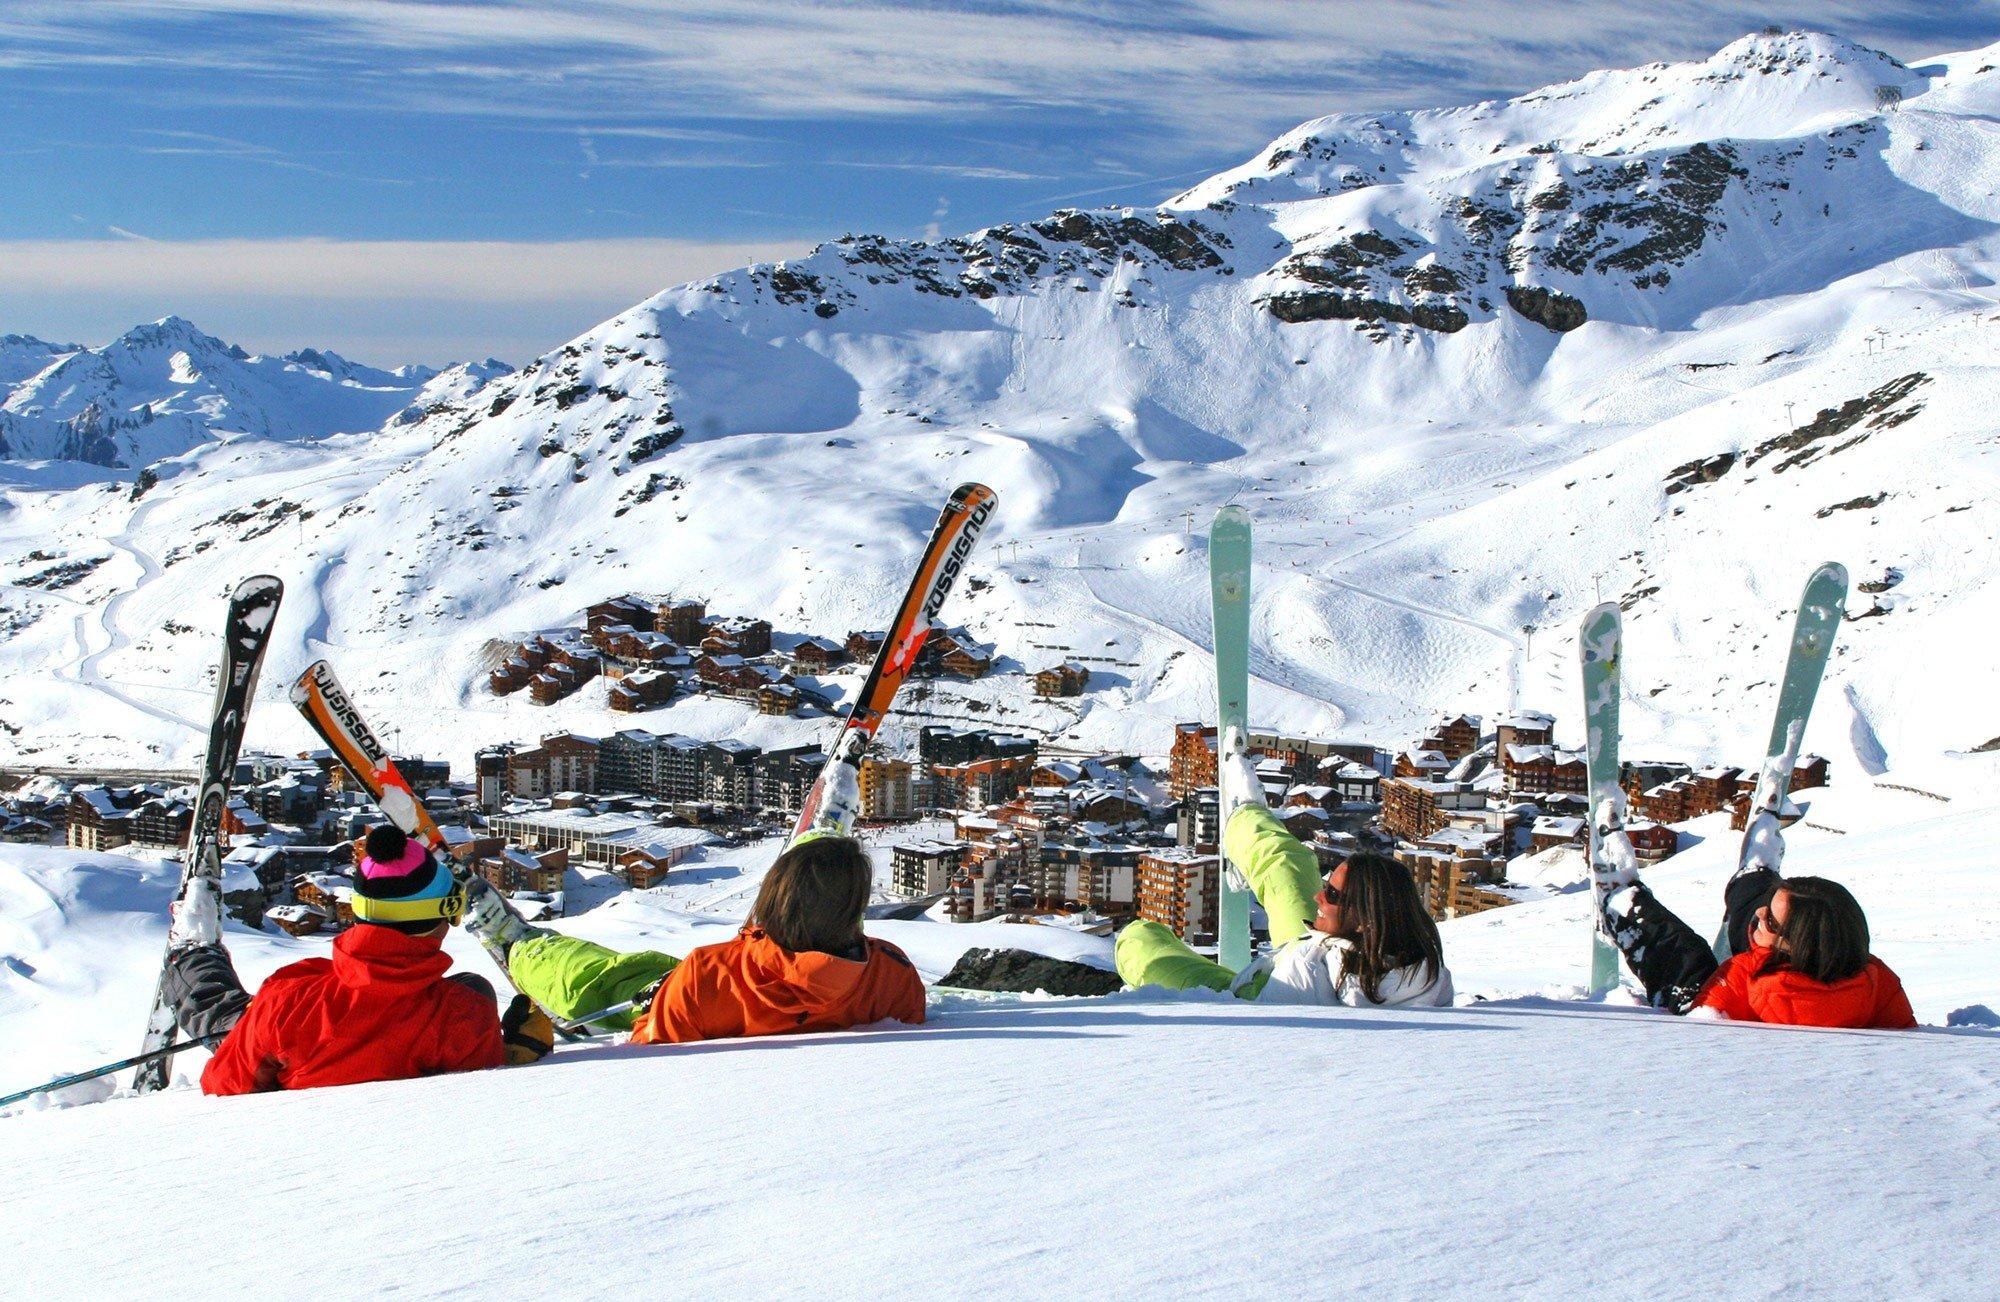 Что такое Апре-ски?